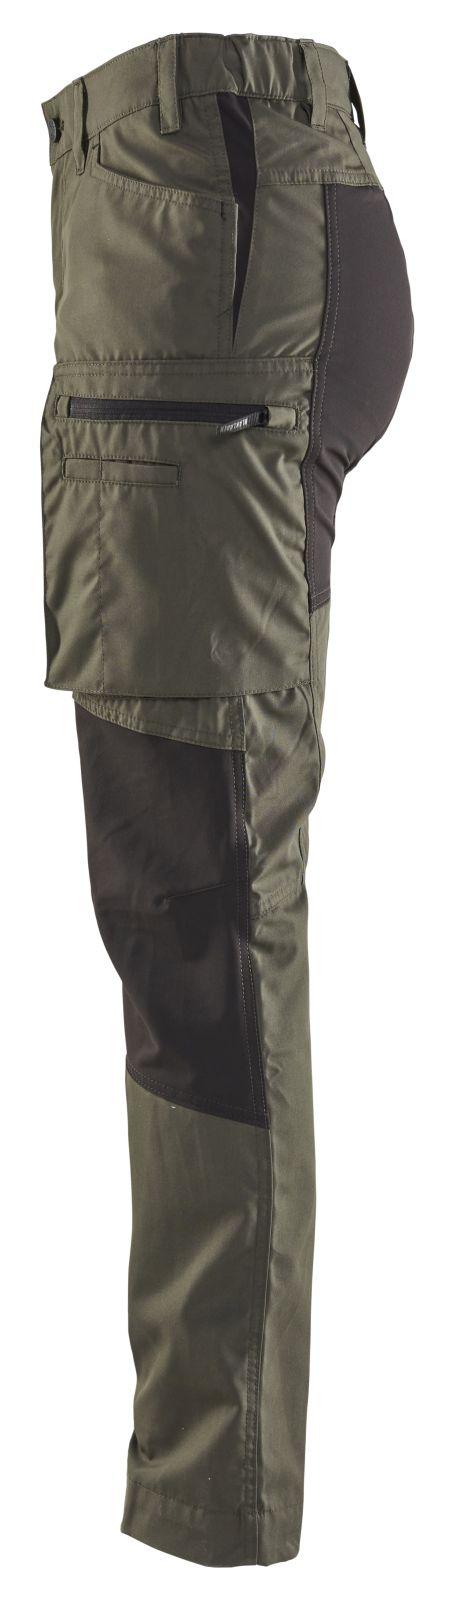 Blaklader Dames werkbroeken 71591845 army groen-zwart(4699)